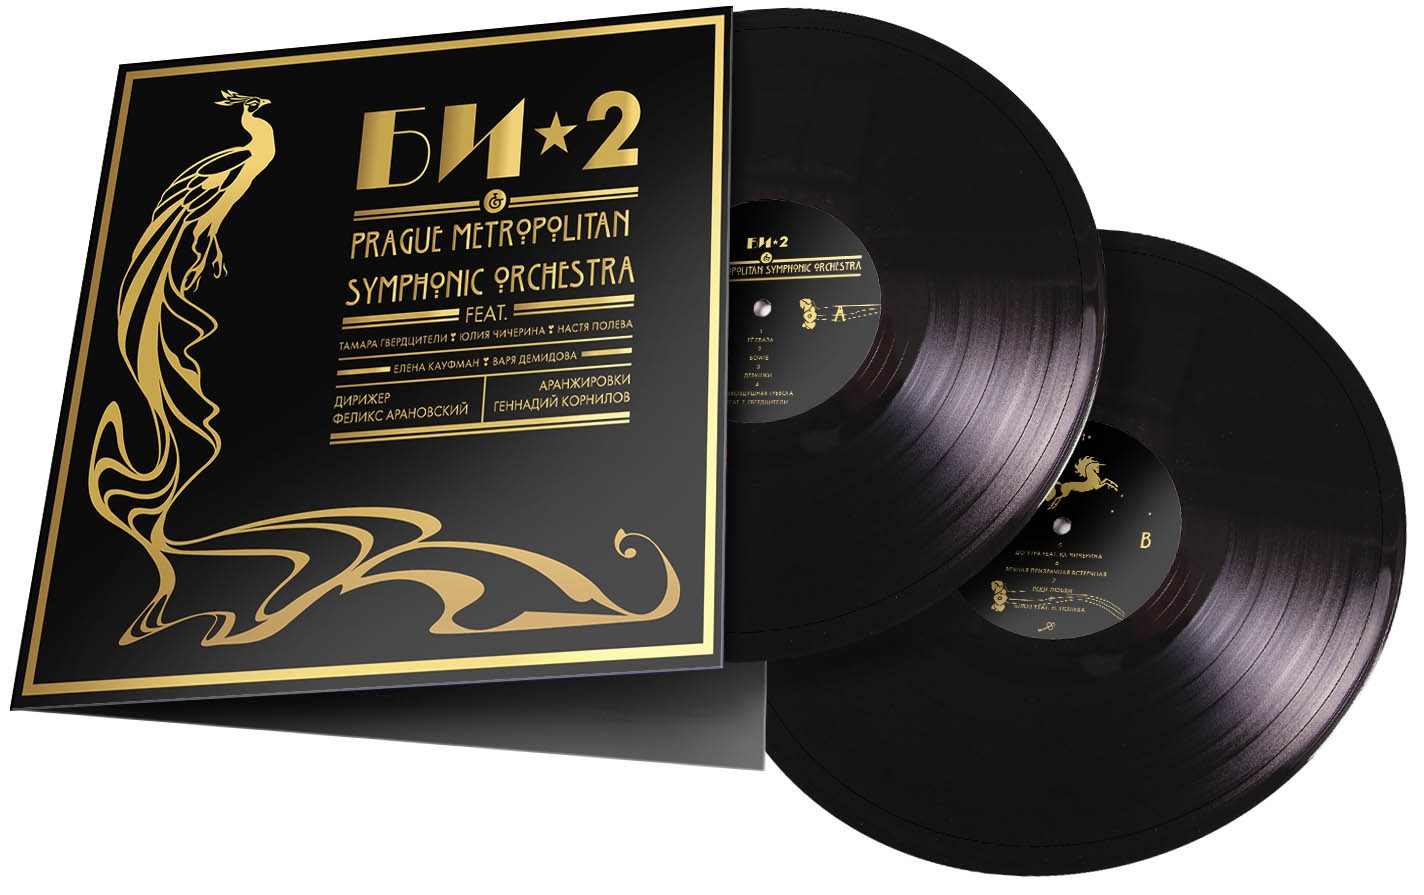 Би-2. Prague Metropolitan Symphonic Orchestra (2 LP)Представляем вашему вниманию альбом Би-2. Prague Metropolitan Symphonic Orchestra, записанный совместно с Пражским симфоническим оркестром.<br>